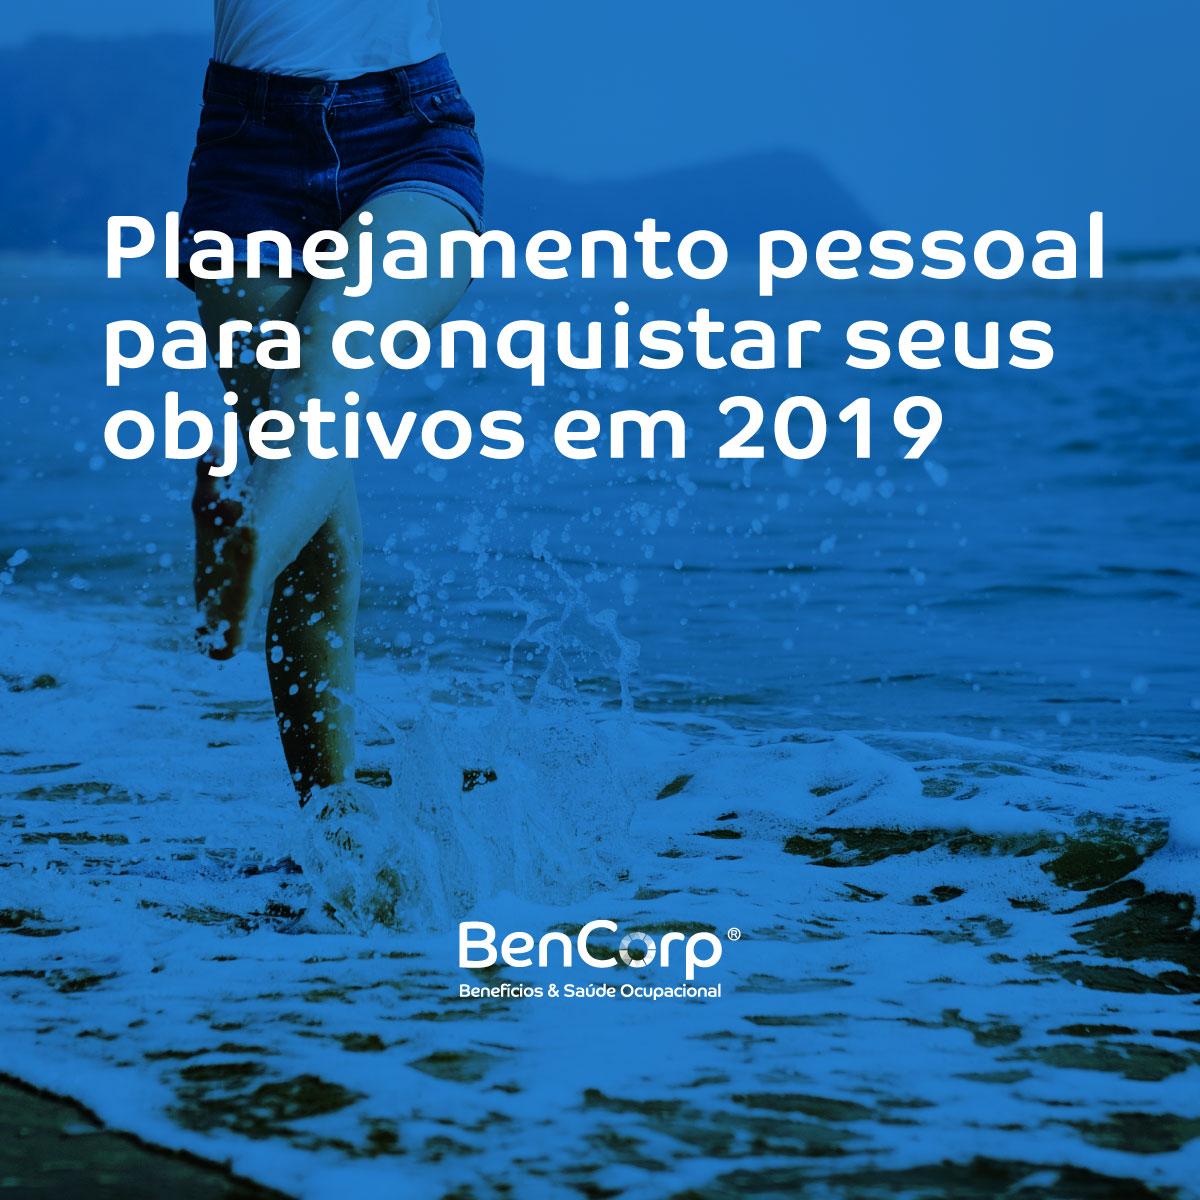 Planejamento pessoal para conquistar seus objetivos em 2019 por BenCorp